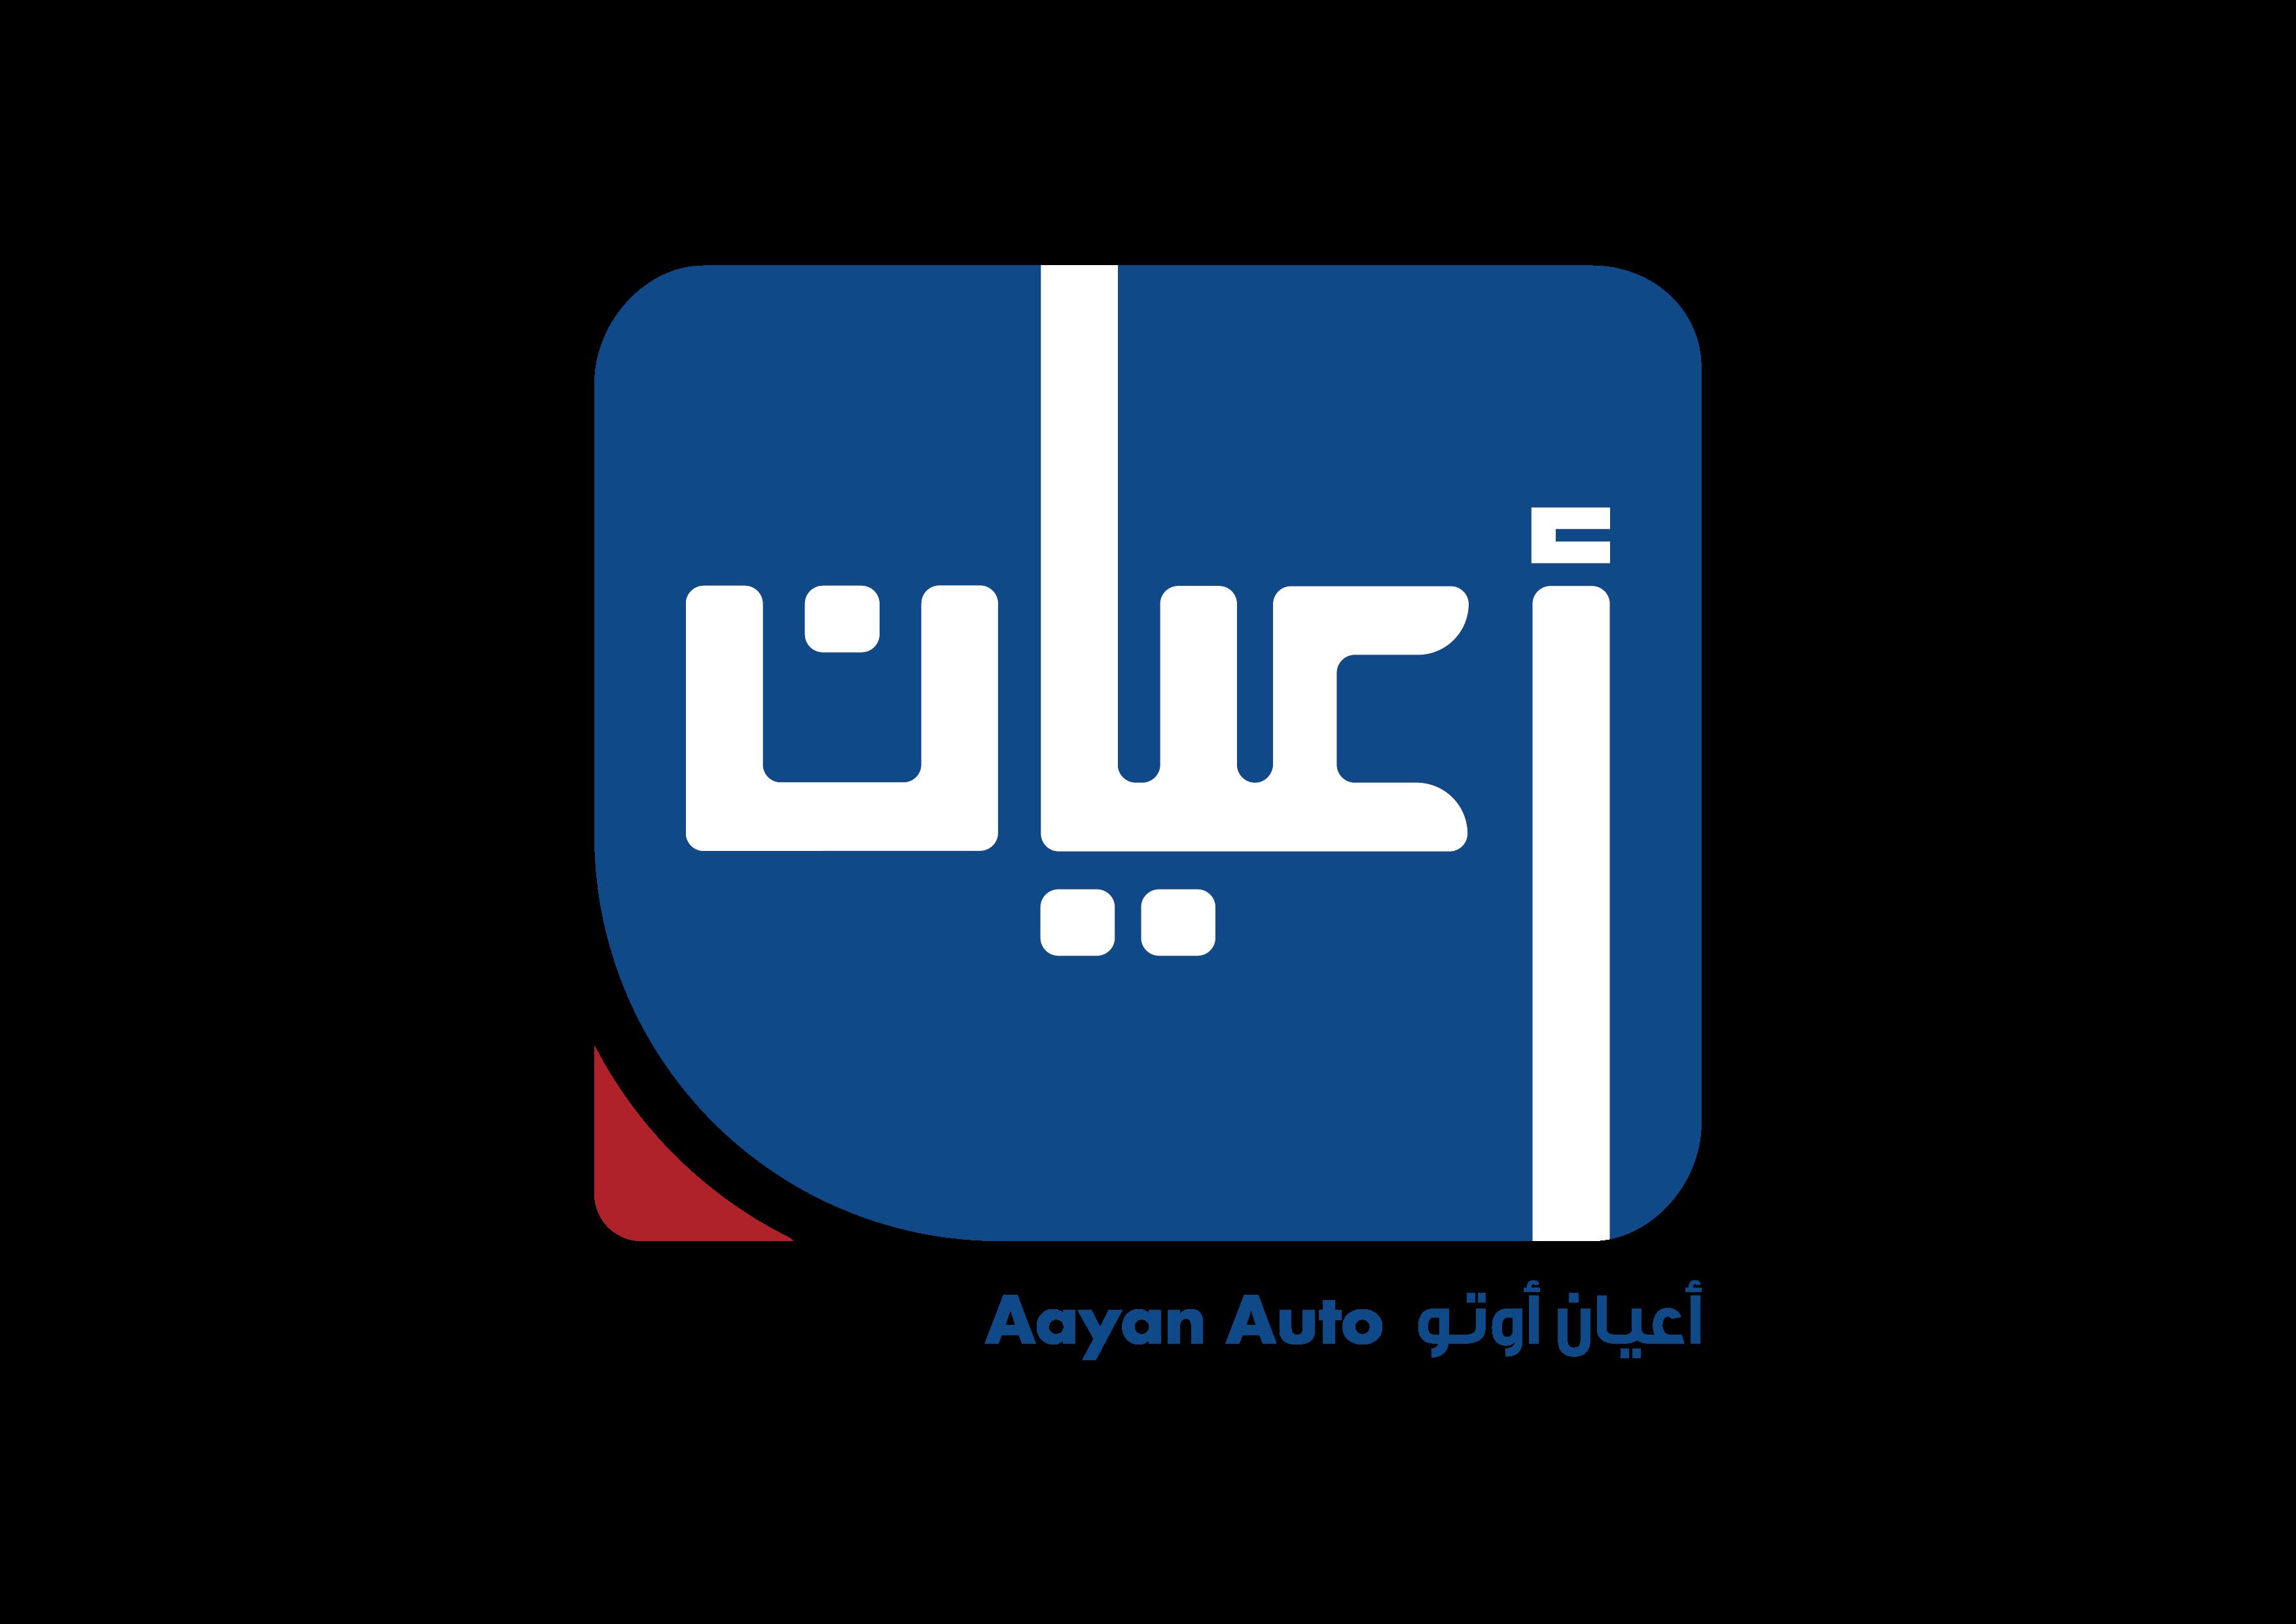 Aayan Kuwait Auto Company